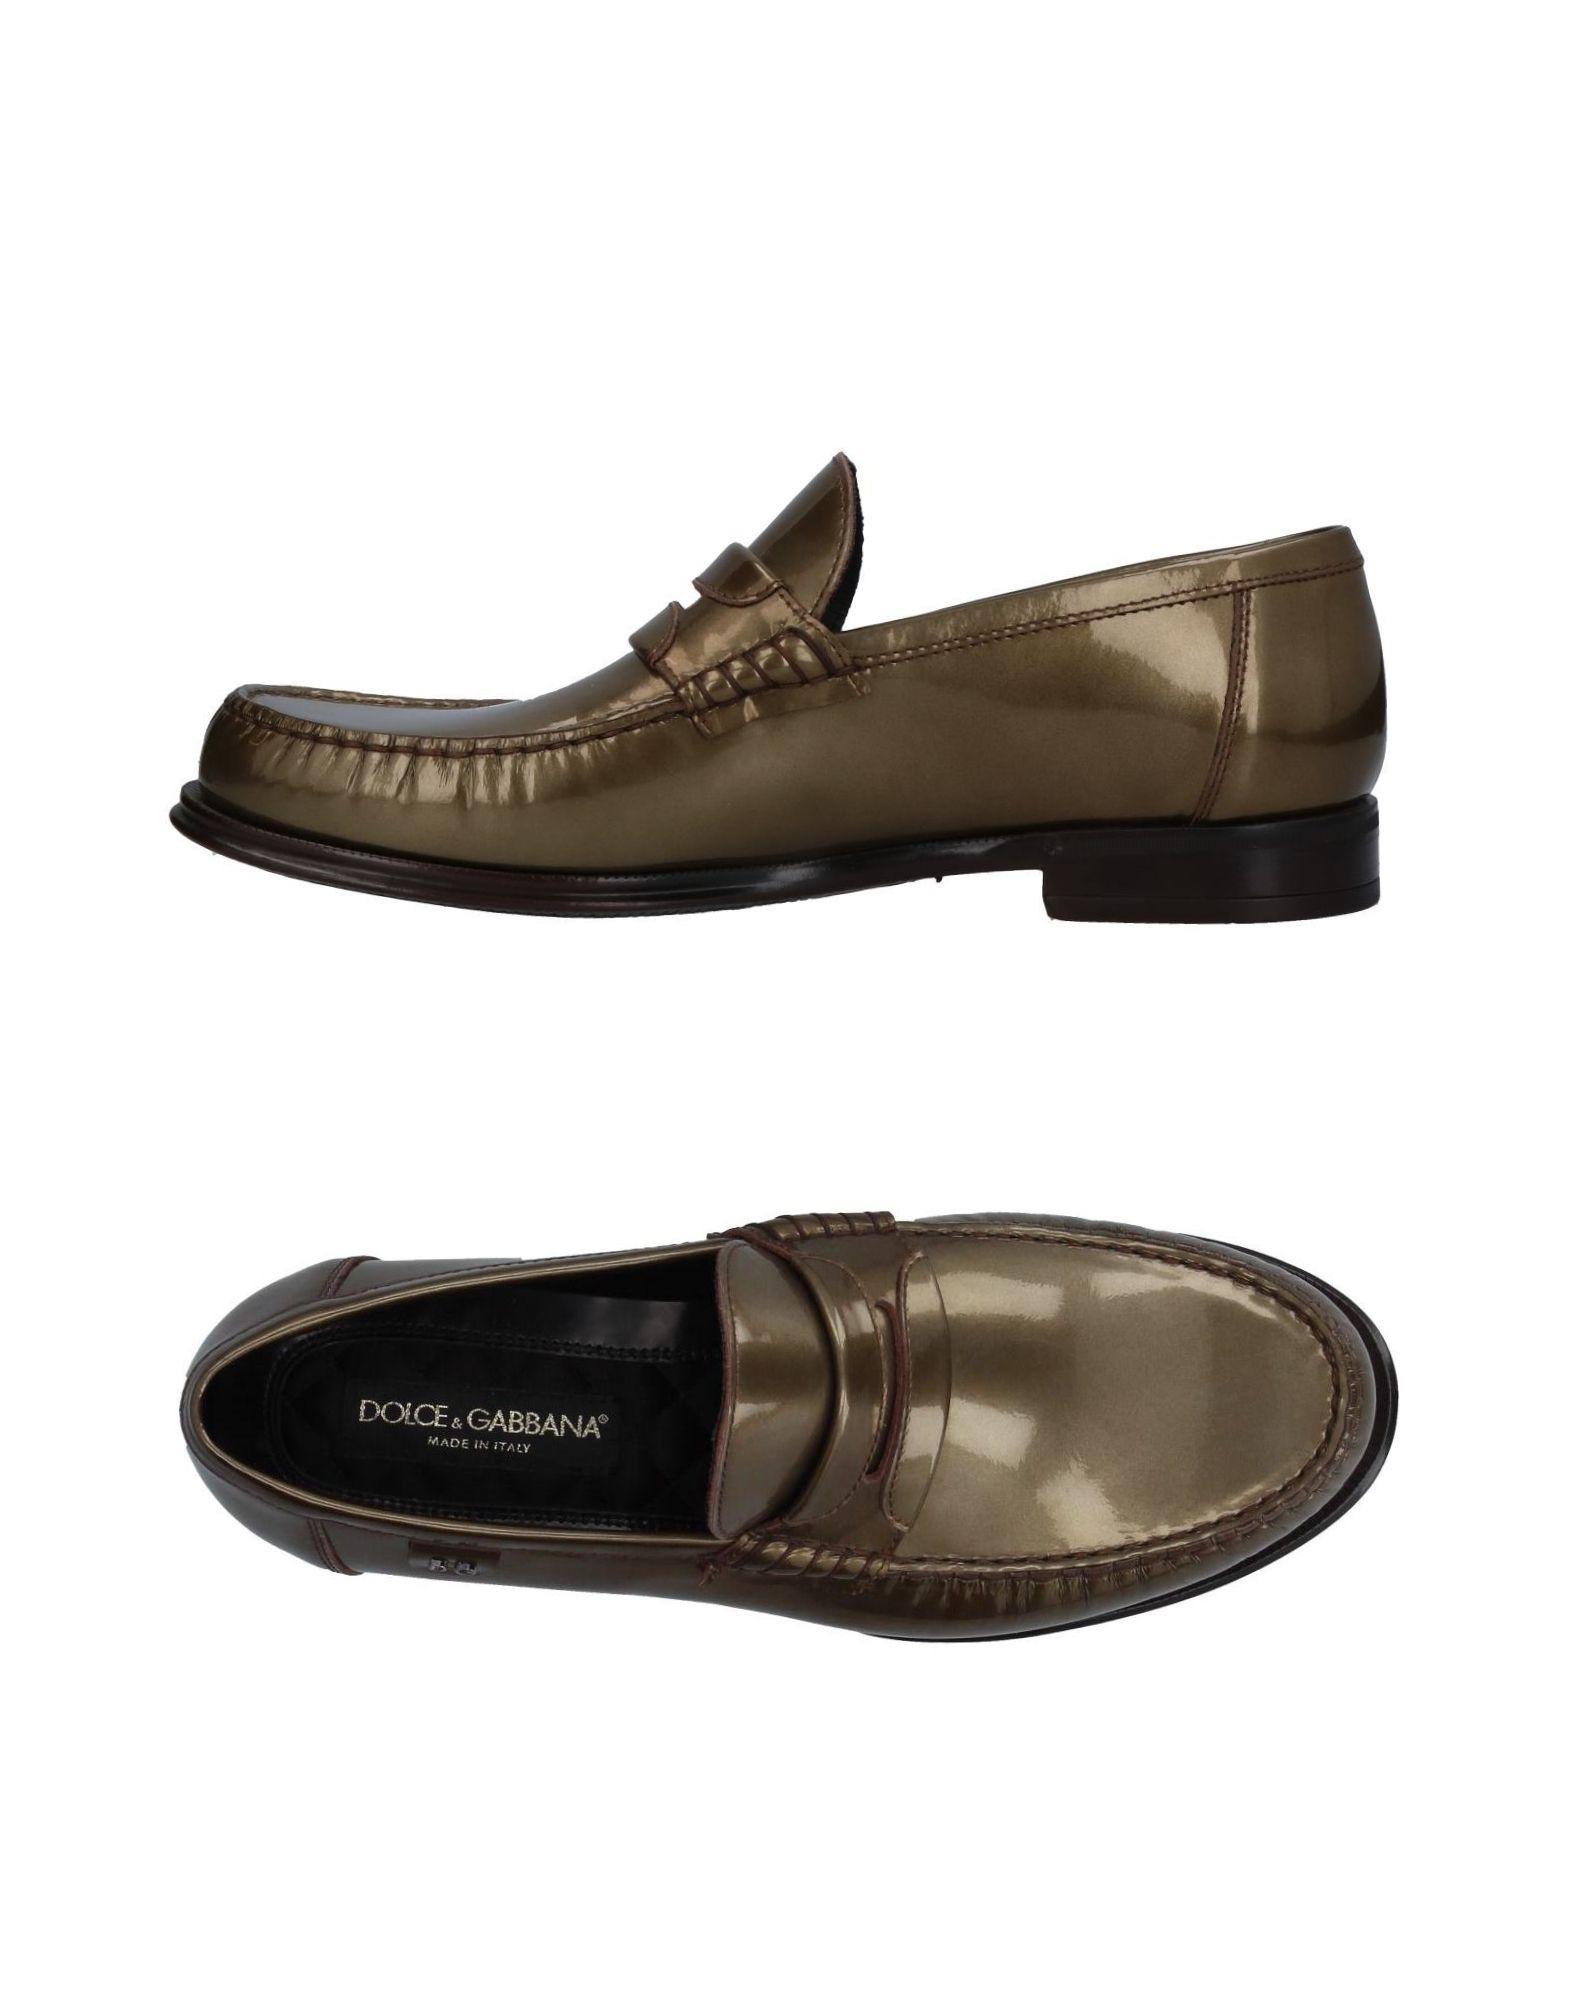 Nuevos zapatos para descuento hombres y mujeres, descuento para por tiempo limitado  Mocasín Dolce & Gabbana Hombre - Mocasines Dolce & Gabbana 6d36a9